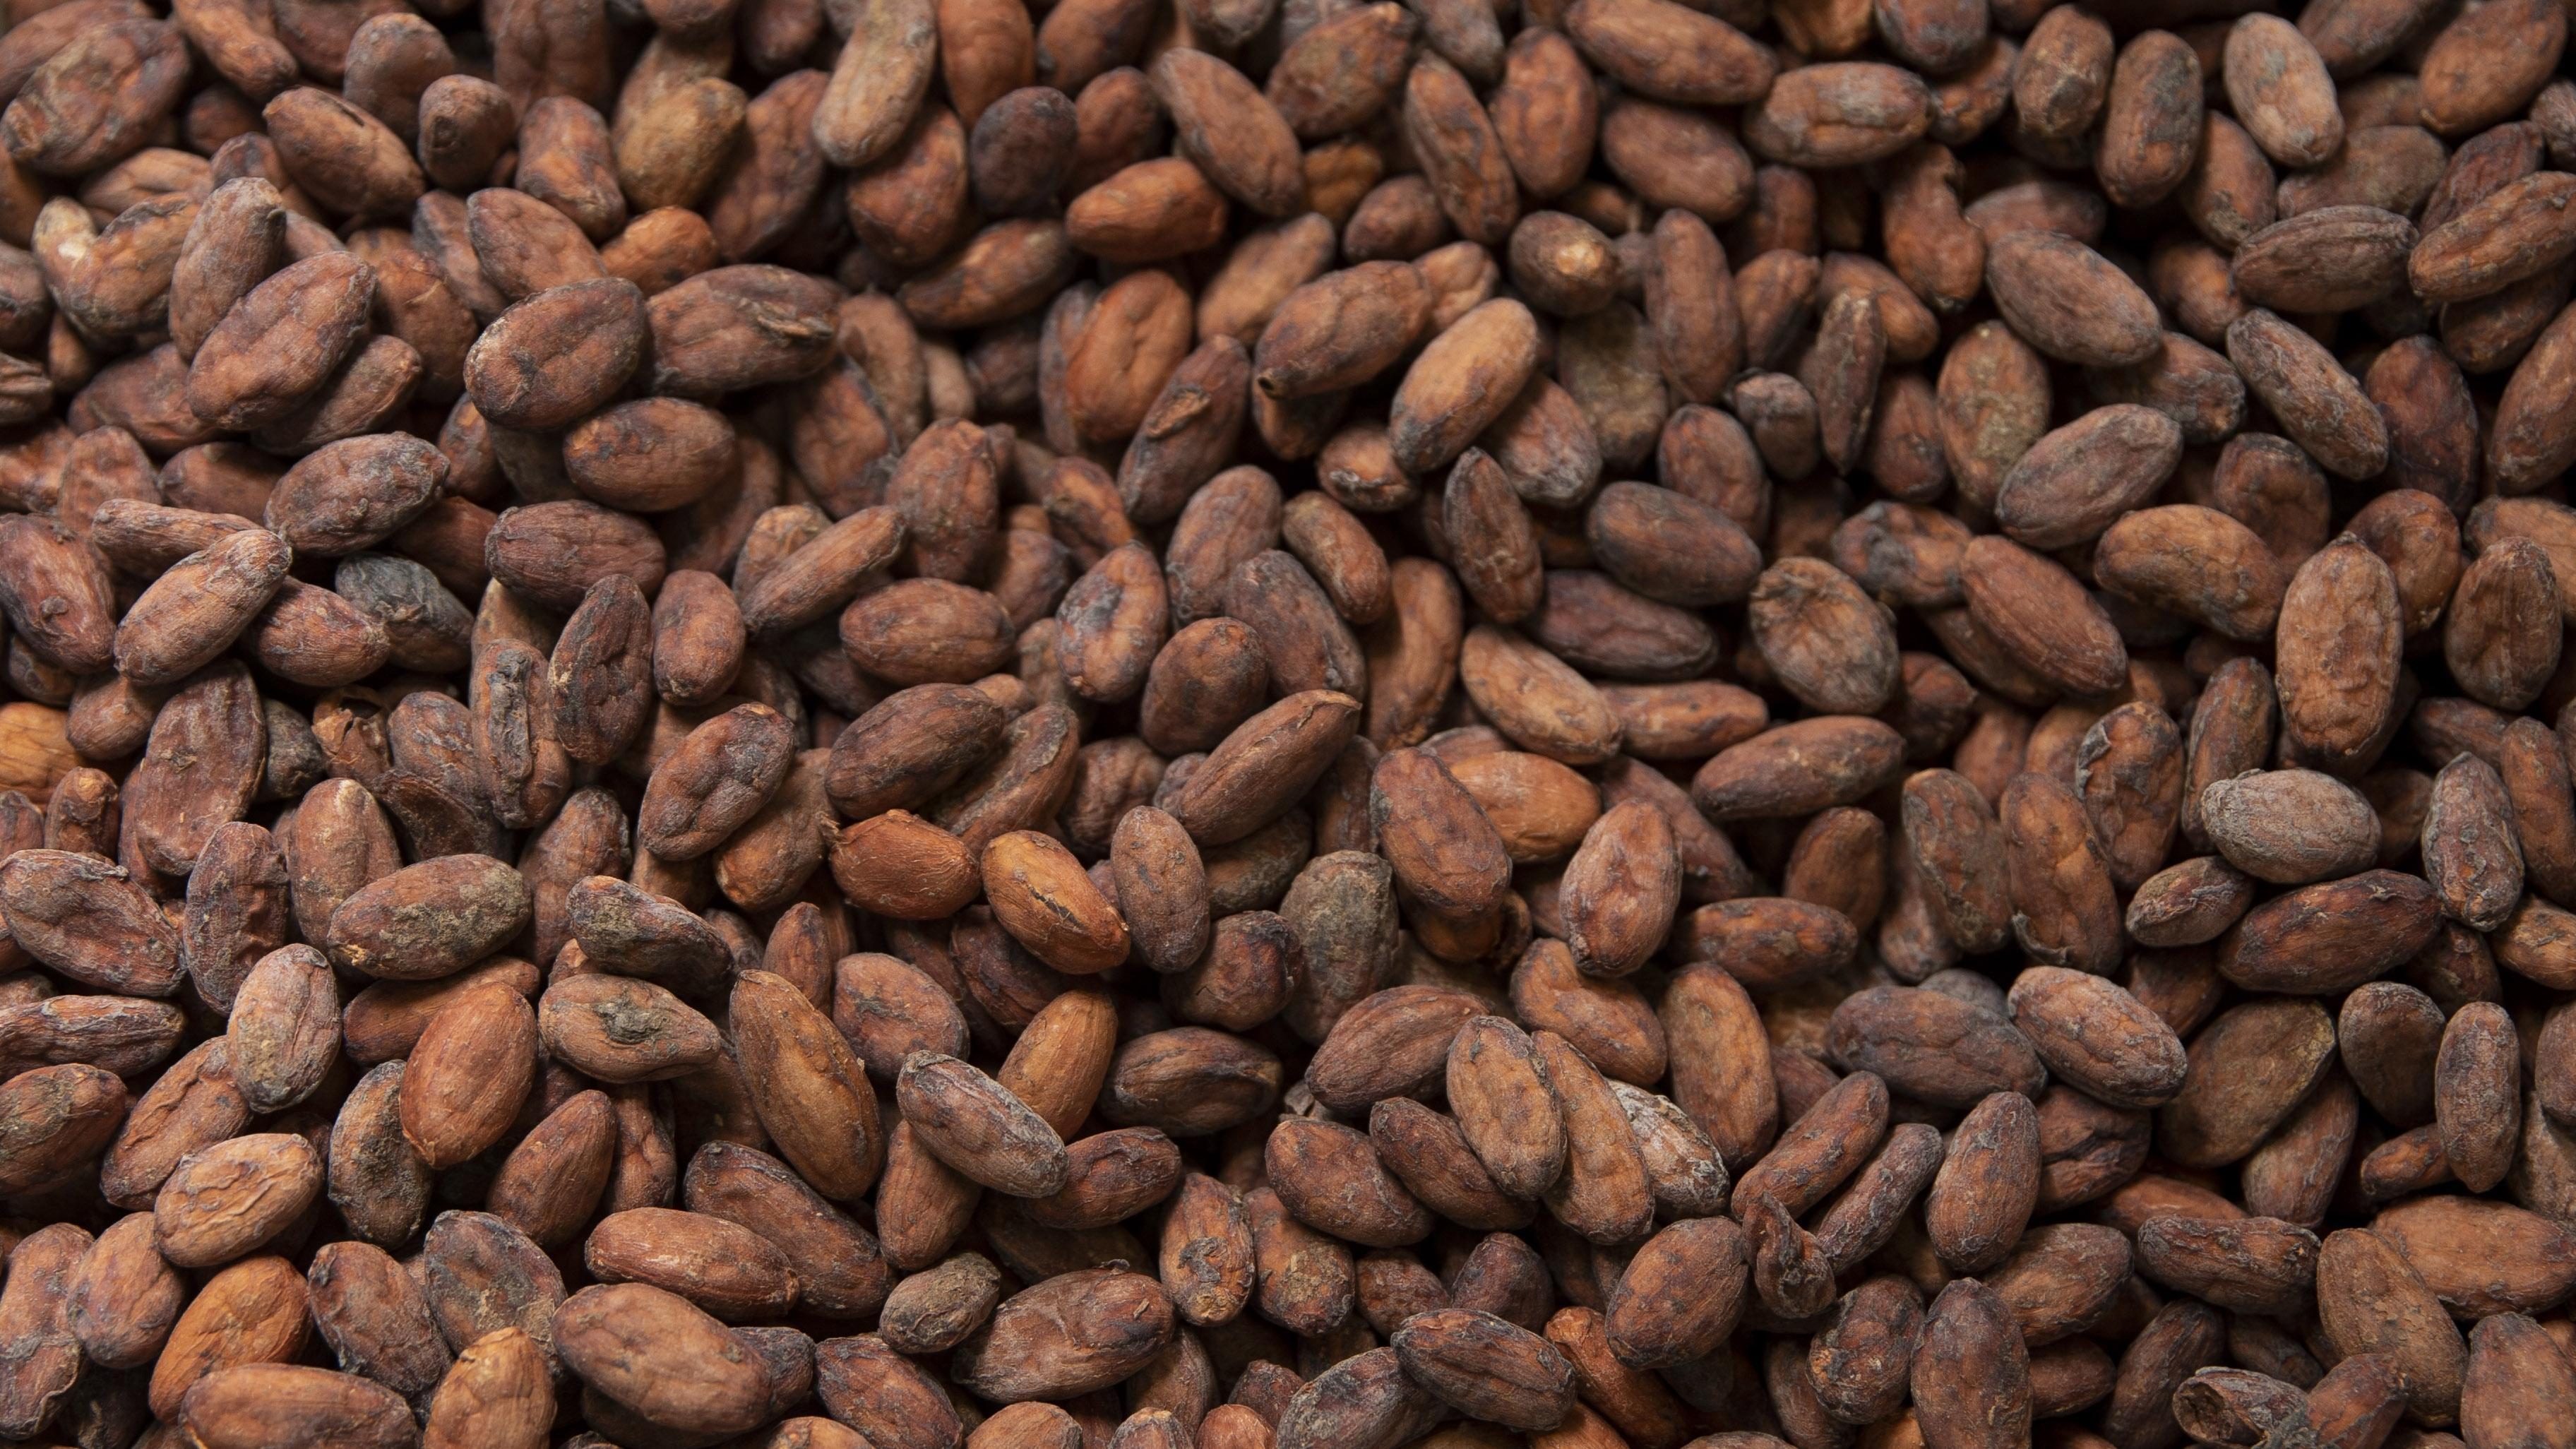 Dammenbergilla suklaa tehdään oikeista kaakaopavuista. Kotioloissa pavuja on vaikea saada riittävän hienoksi. Siksi suklaata kannattaa kotona tehdä kaakaojauheesta.